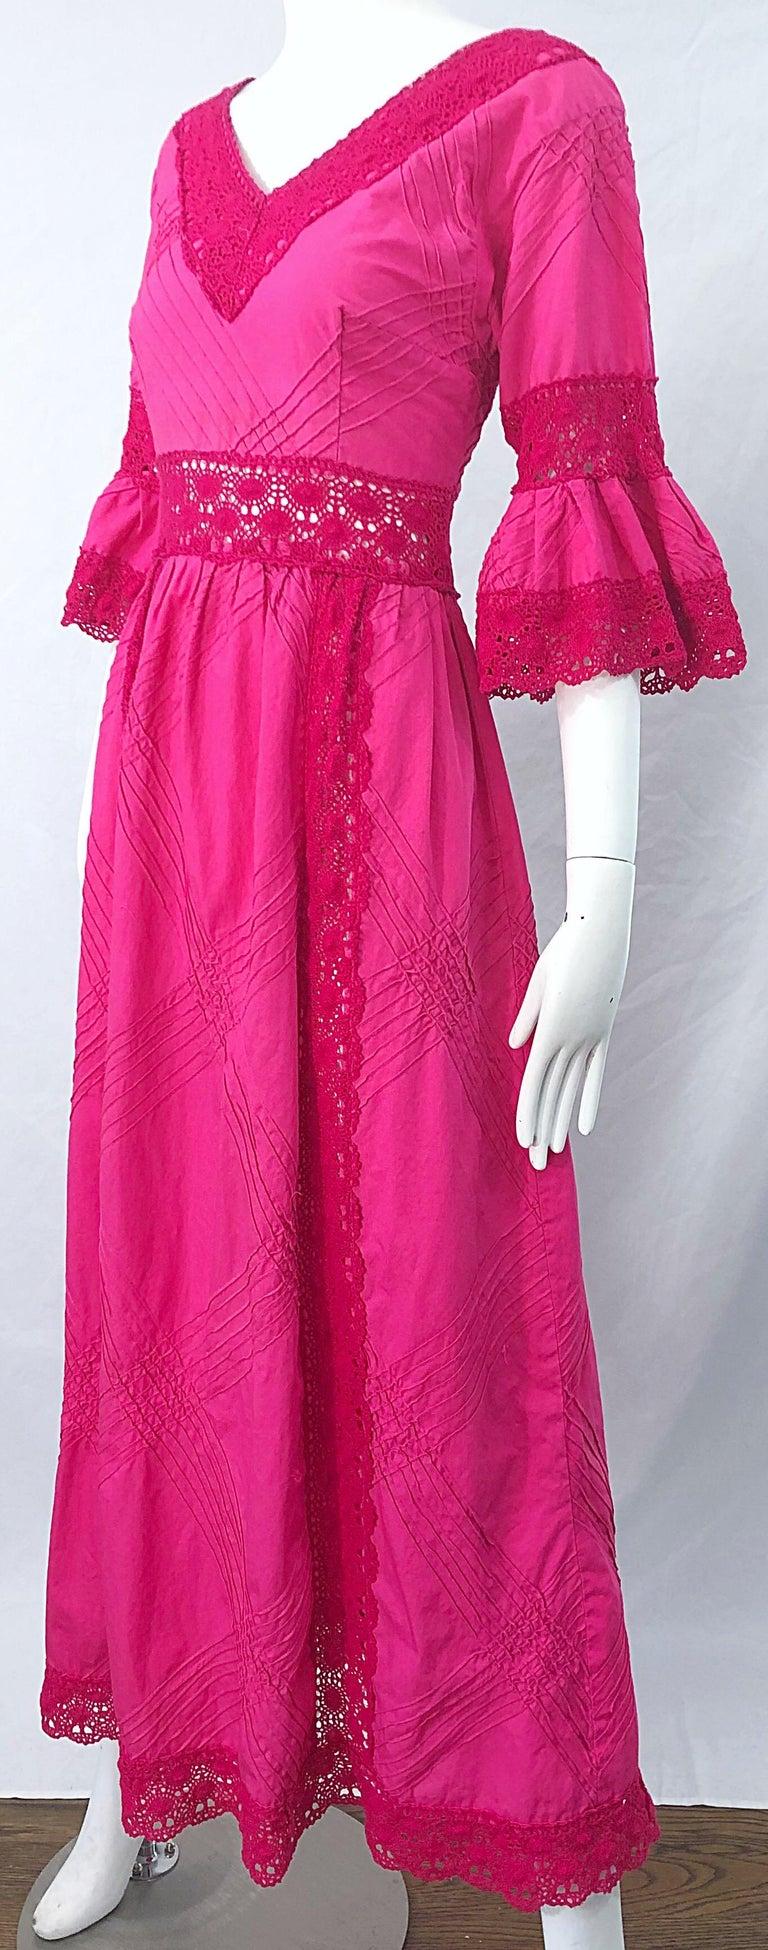 1970s Tachi Castillo Hot Pink Mexican Crochet Vintage Cotton 70s Maxi Dress For Sale 7